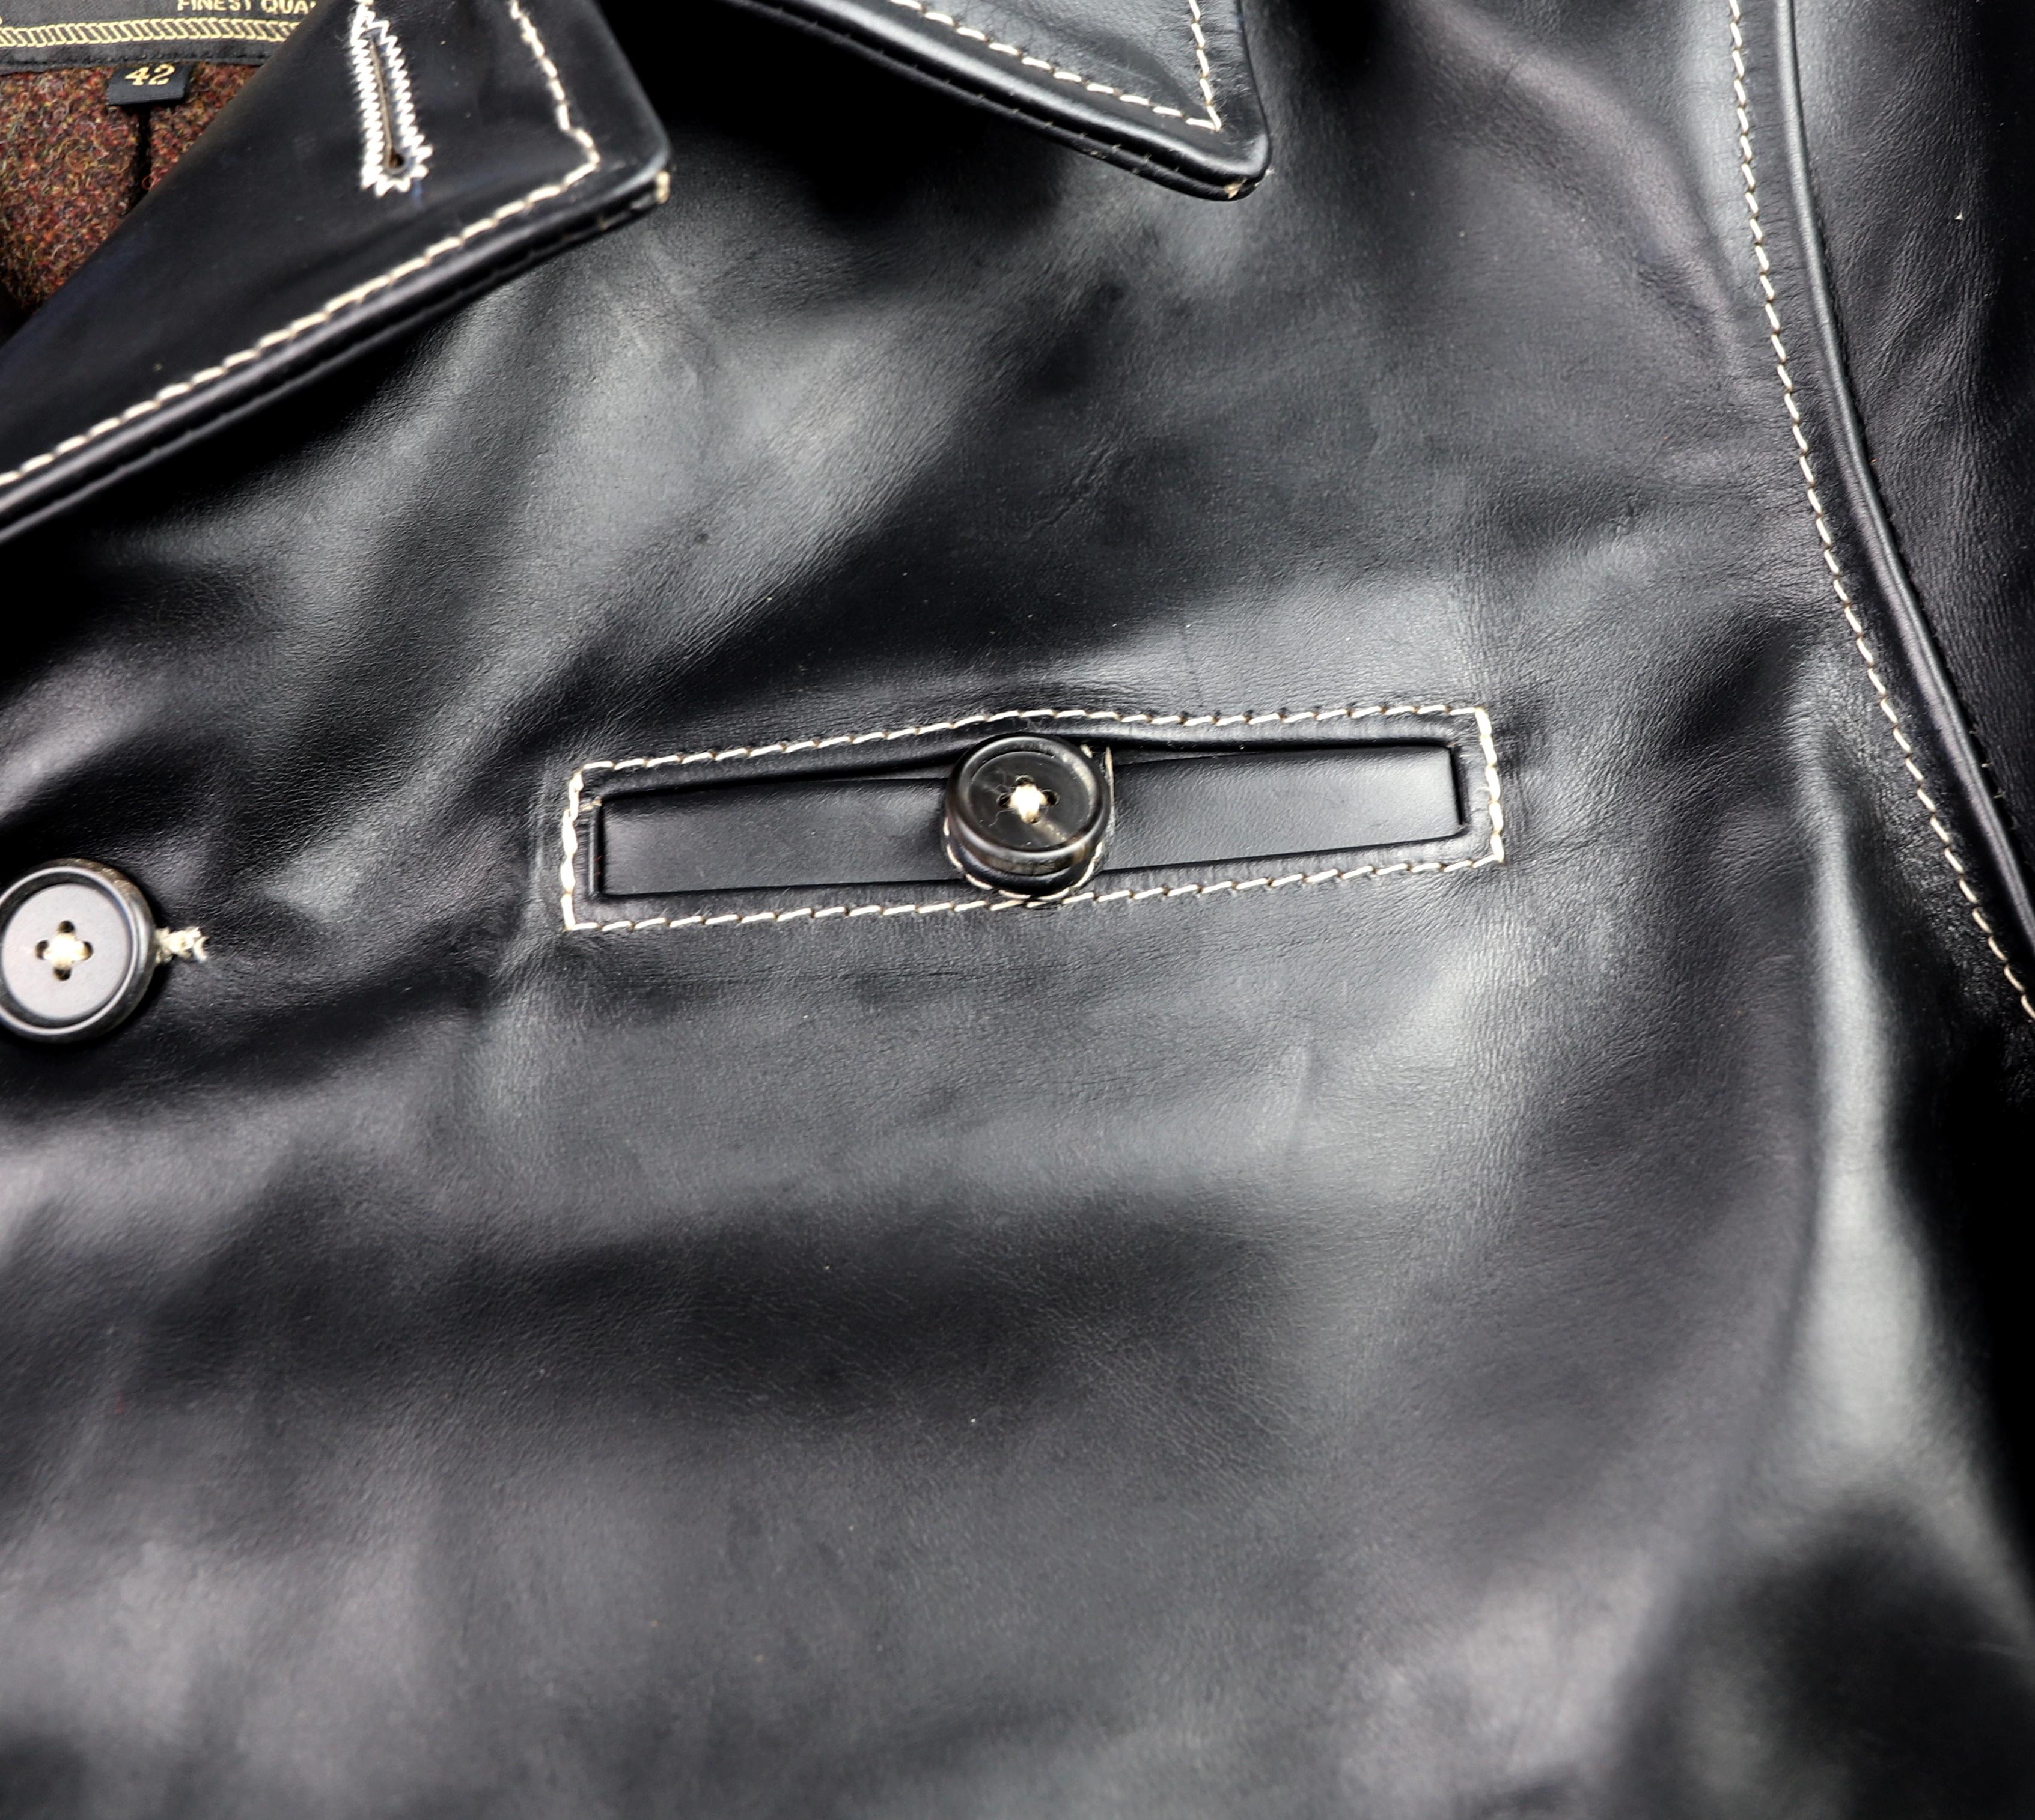 Aero Maxwell Black CXL FQHH AB5 chest pocket.jpg